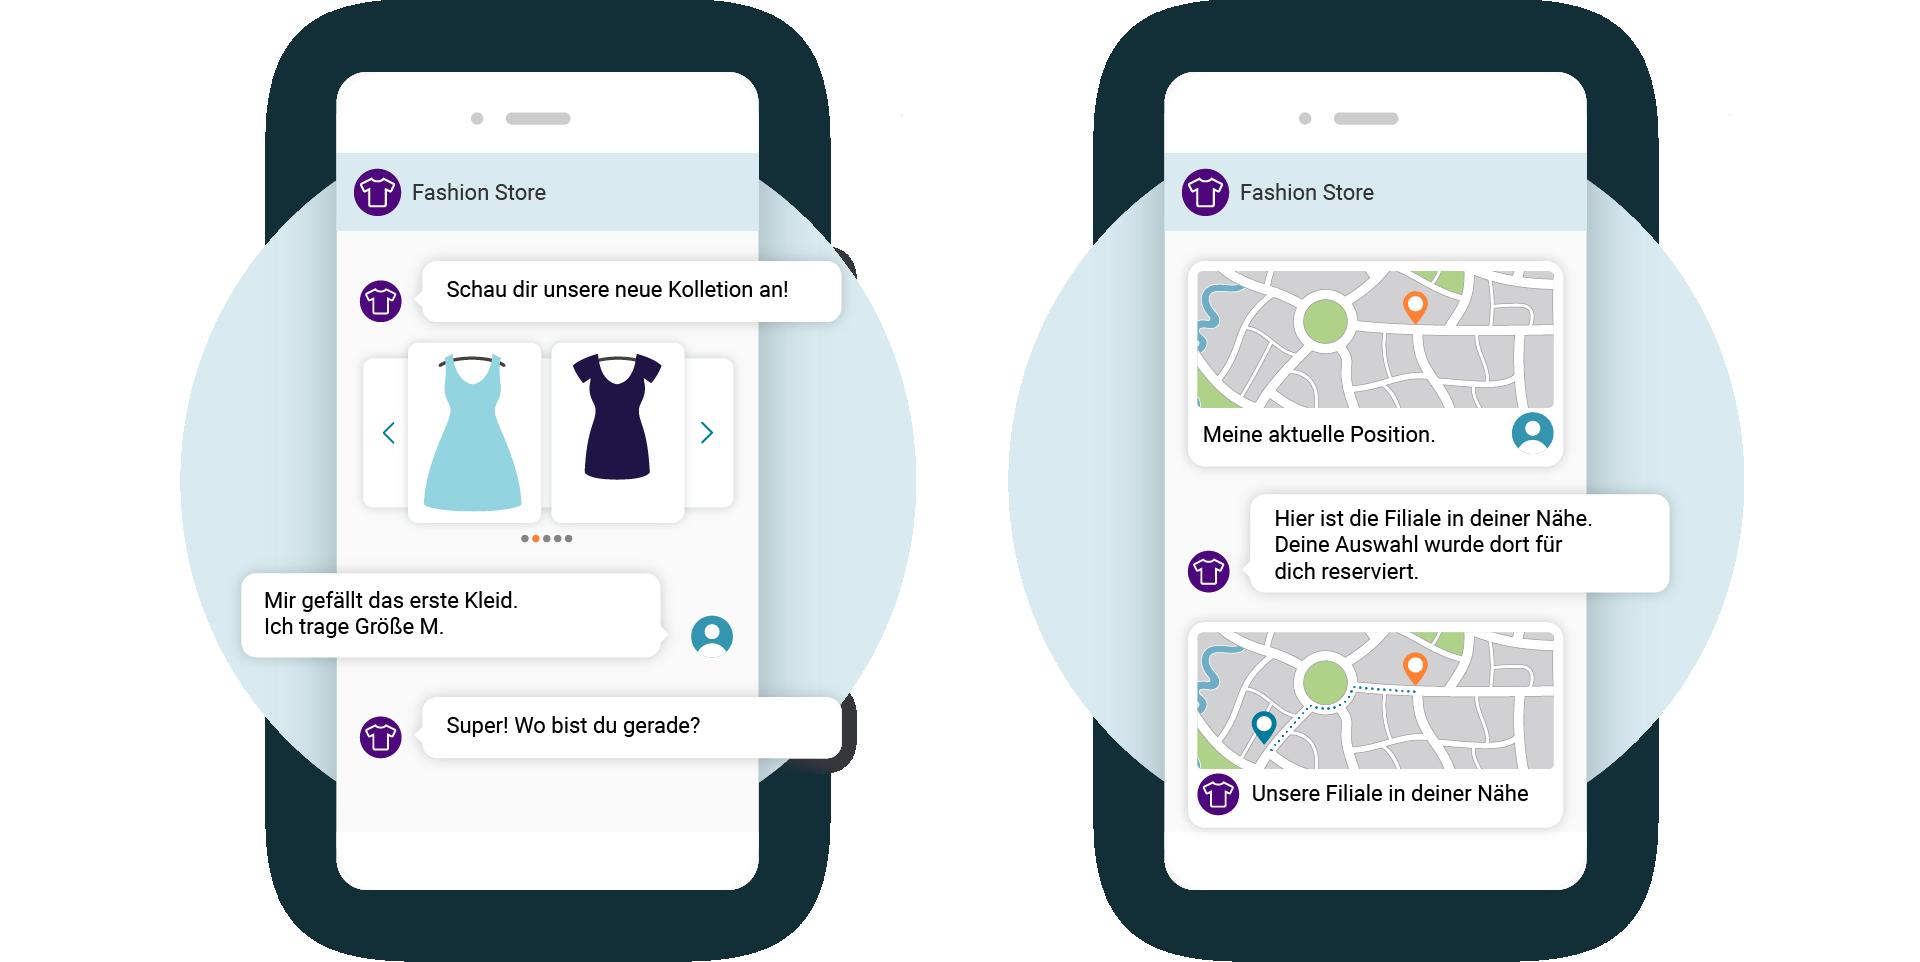 LINK Mobility - Beispiel-Konversation mit RCS verdeutlicht, welche Möglichkeiten Rich Communication Services bieten wie Produkt-Karussells und Standort-Übermittlung